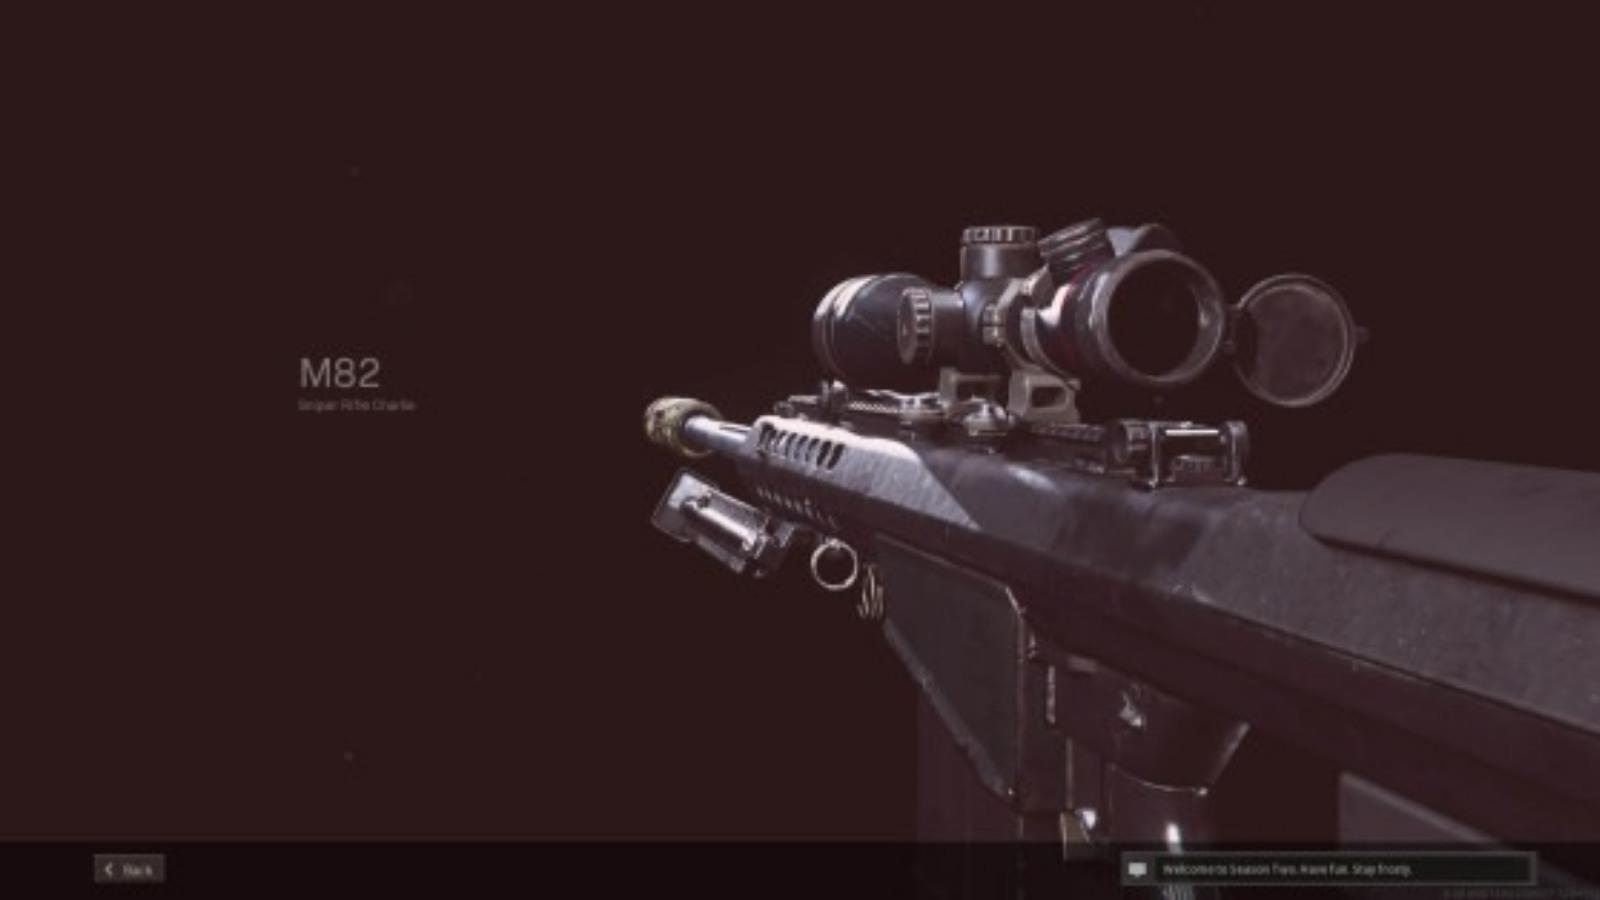 The Best M82 Warzone Loadout in Season 4